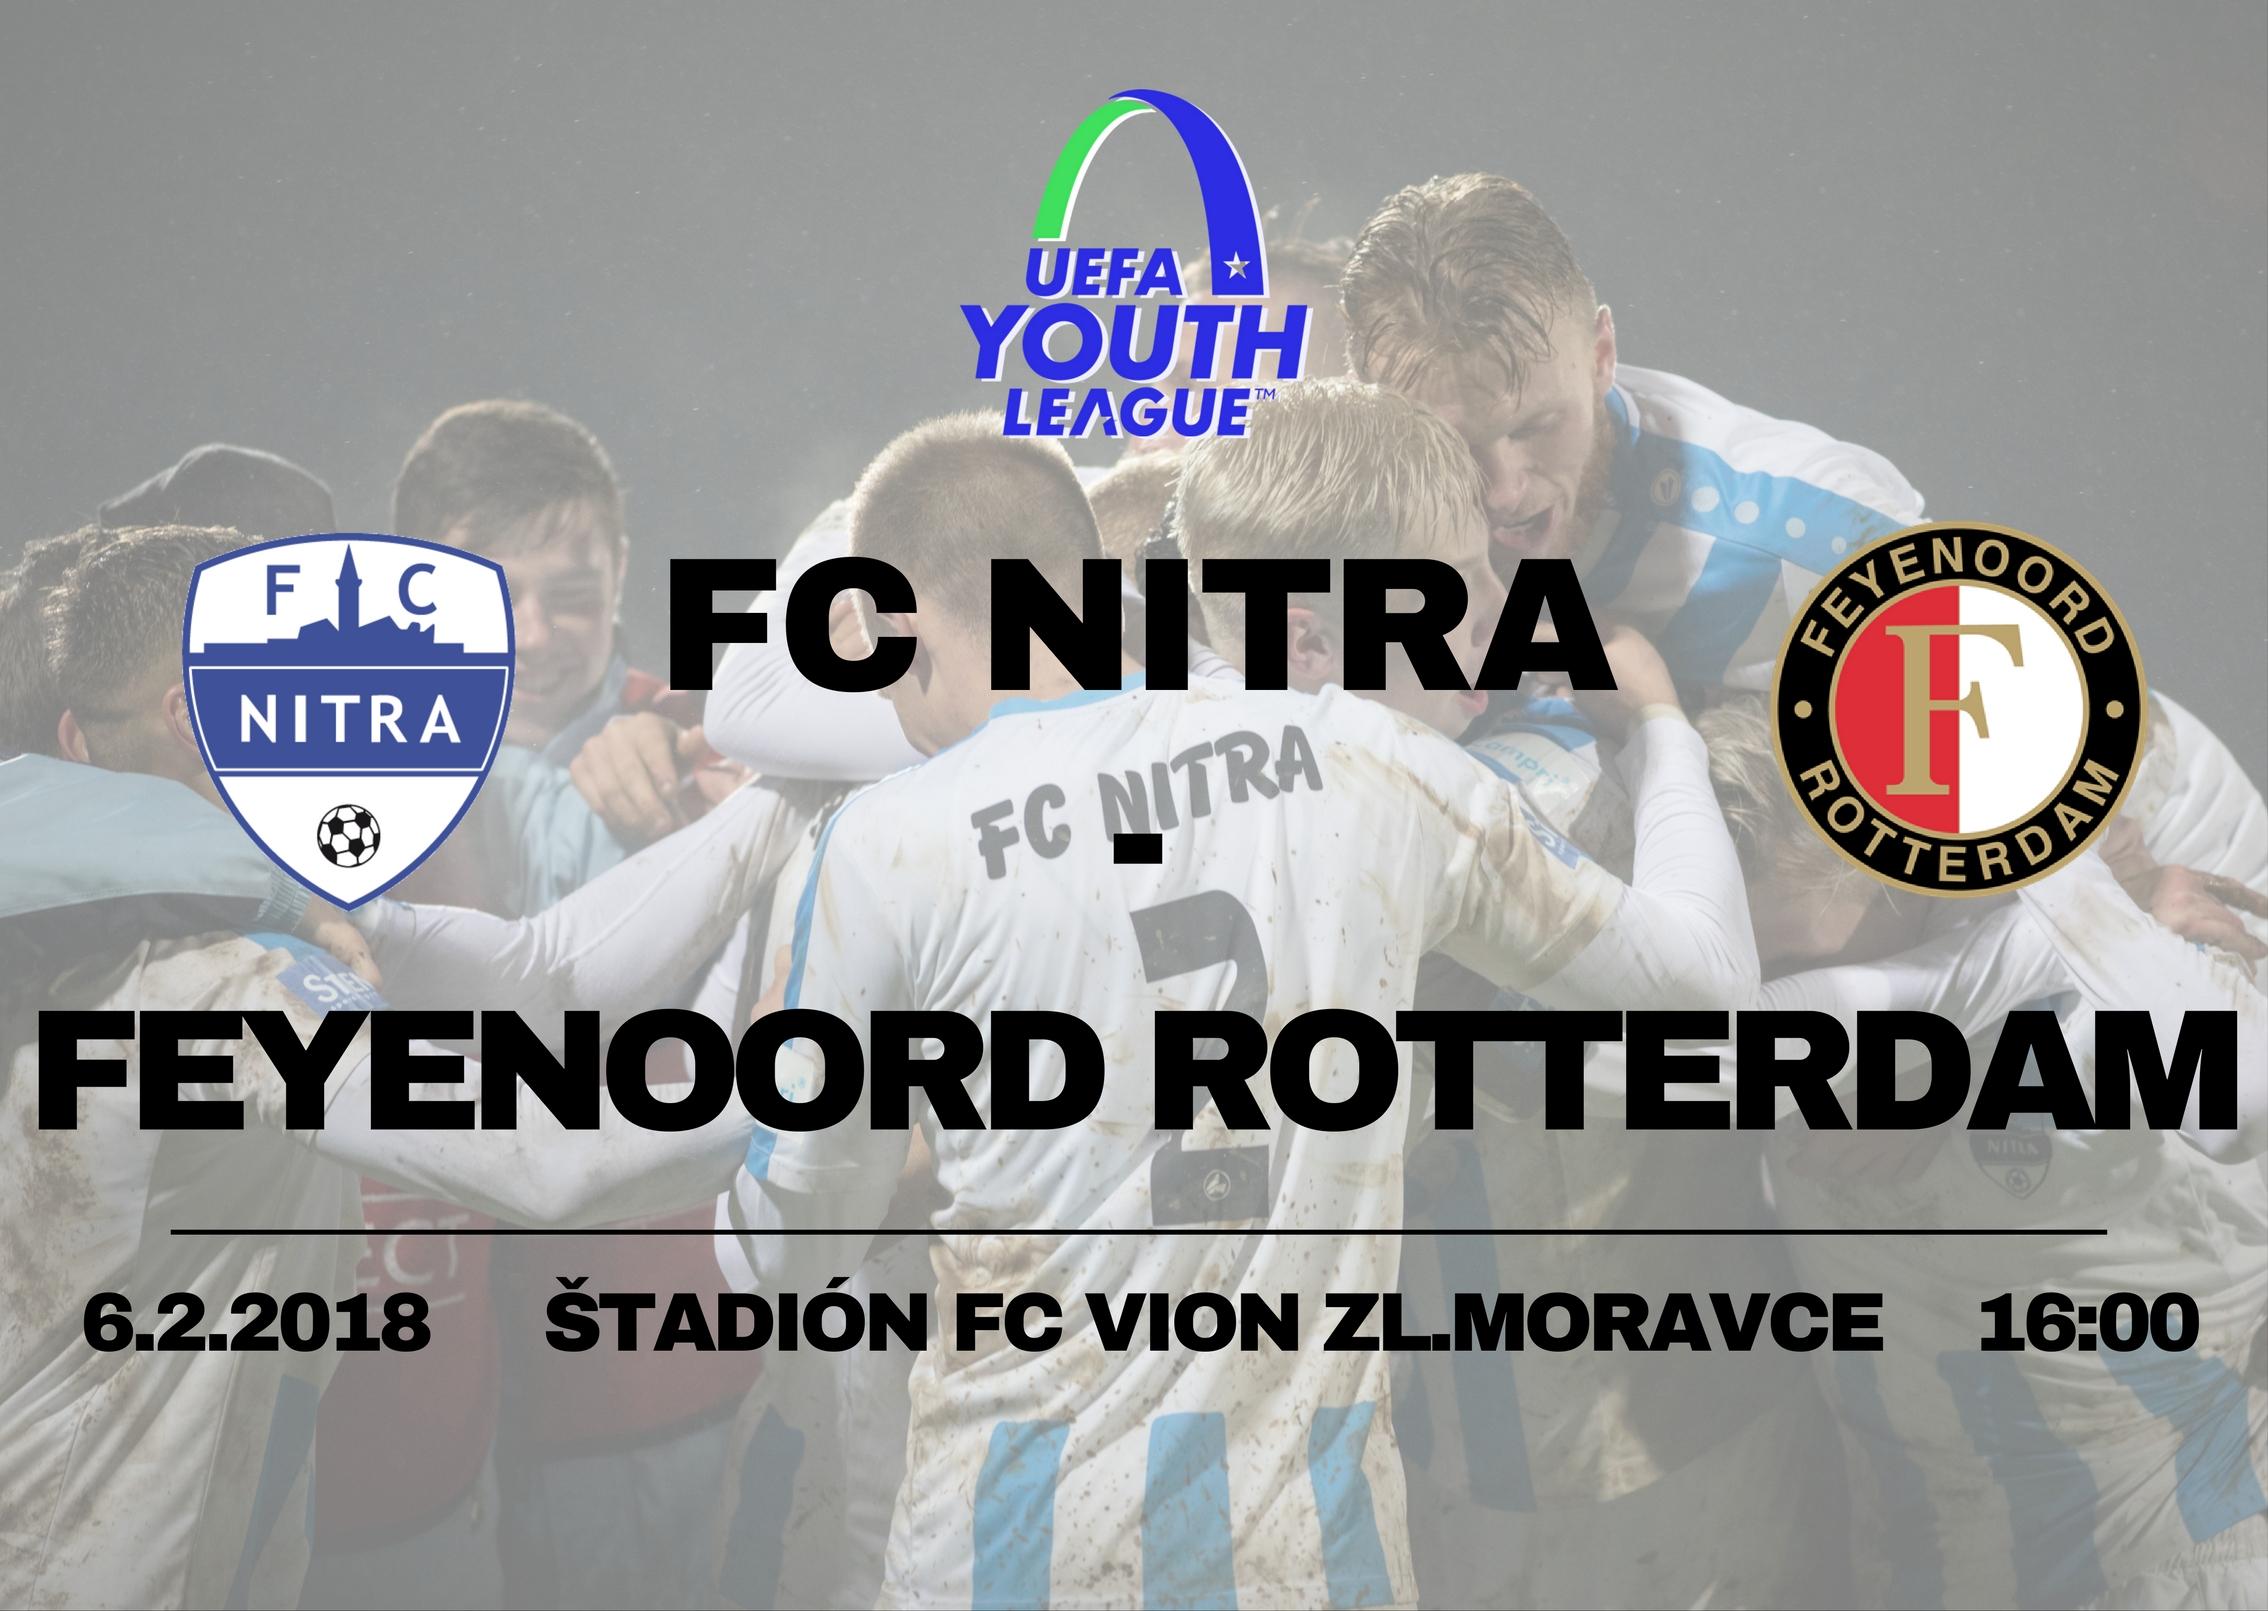 9ffef72e2 Chlapci z FC Nitra Naši chlapci z FC Nitra - Kam v meste | moja Nitra